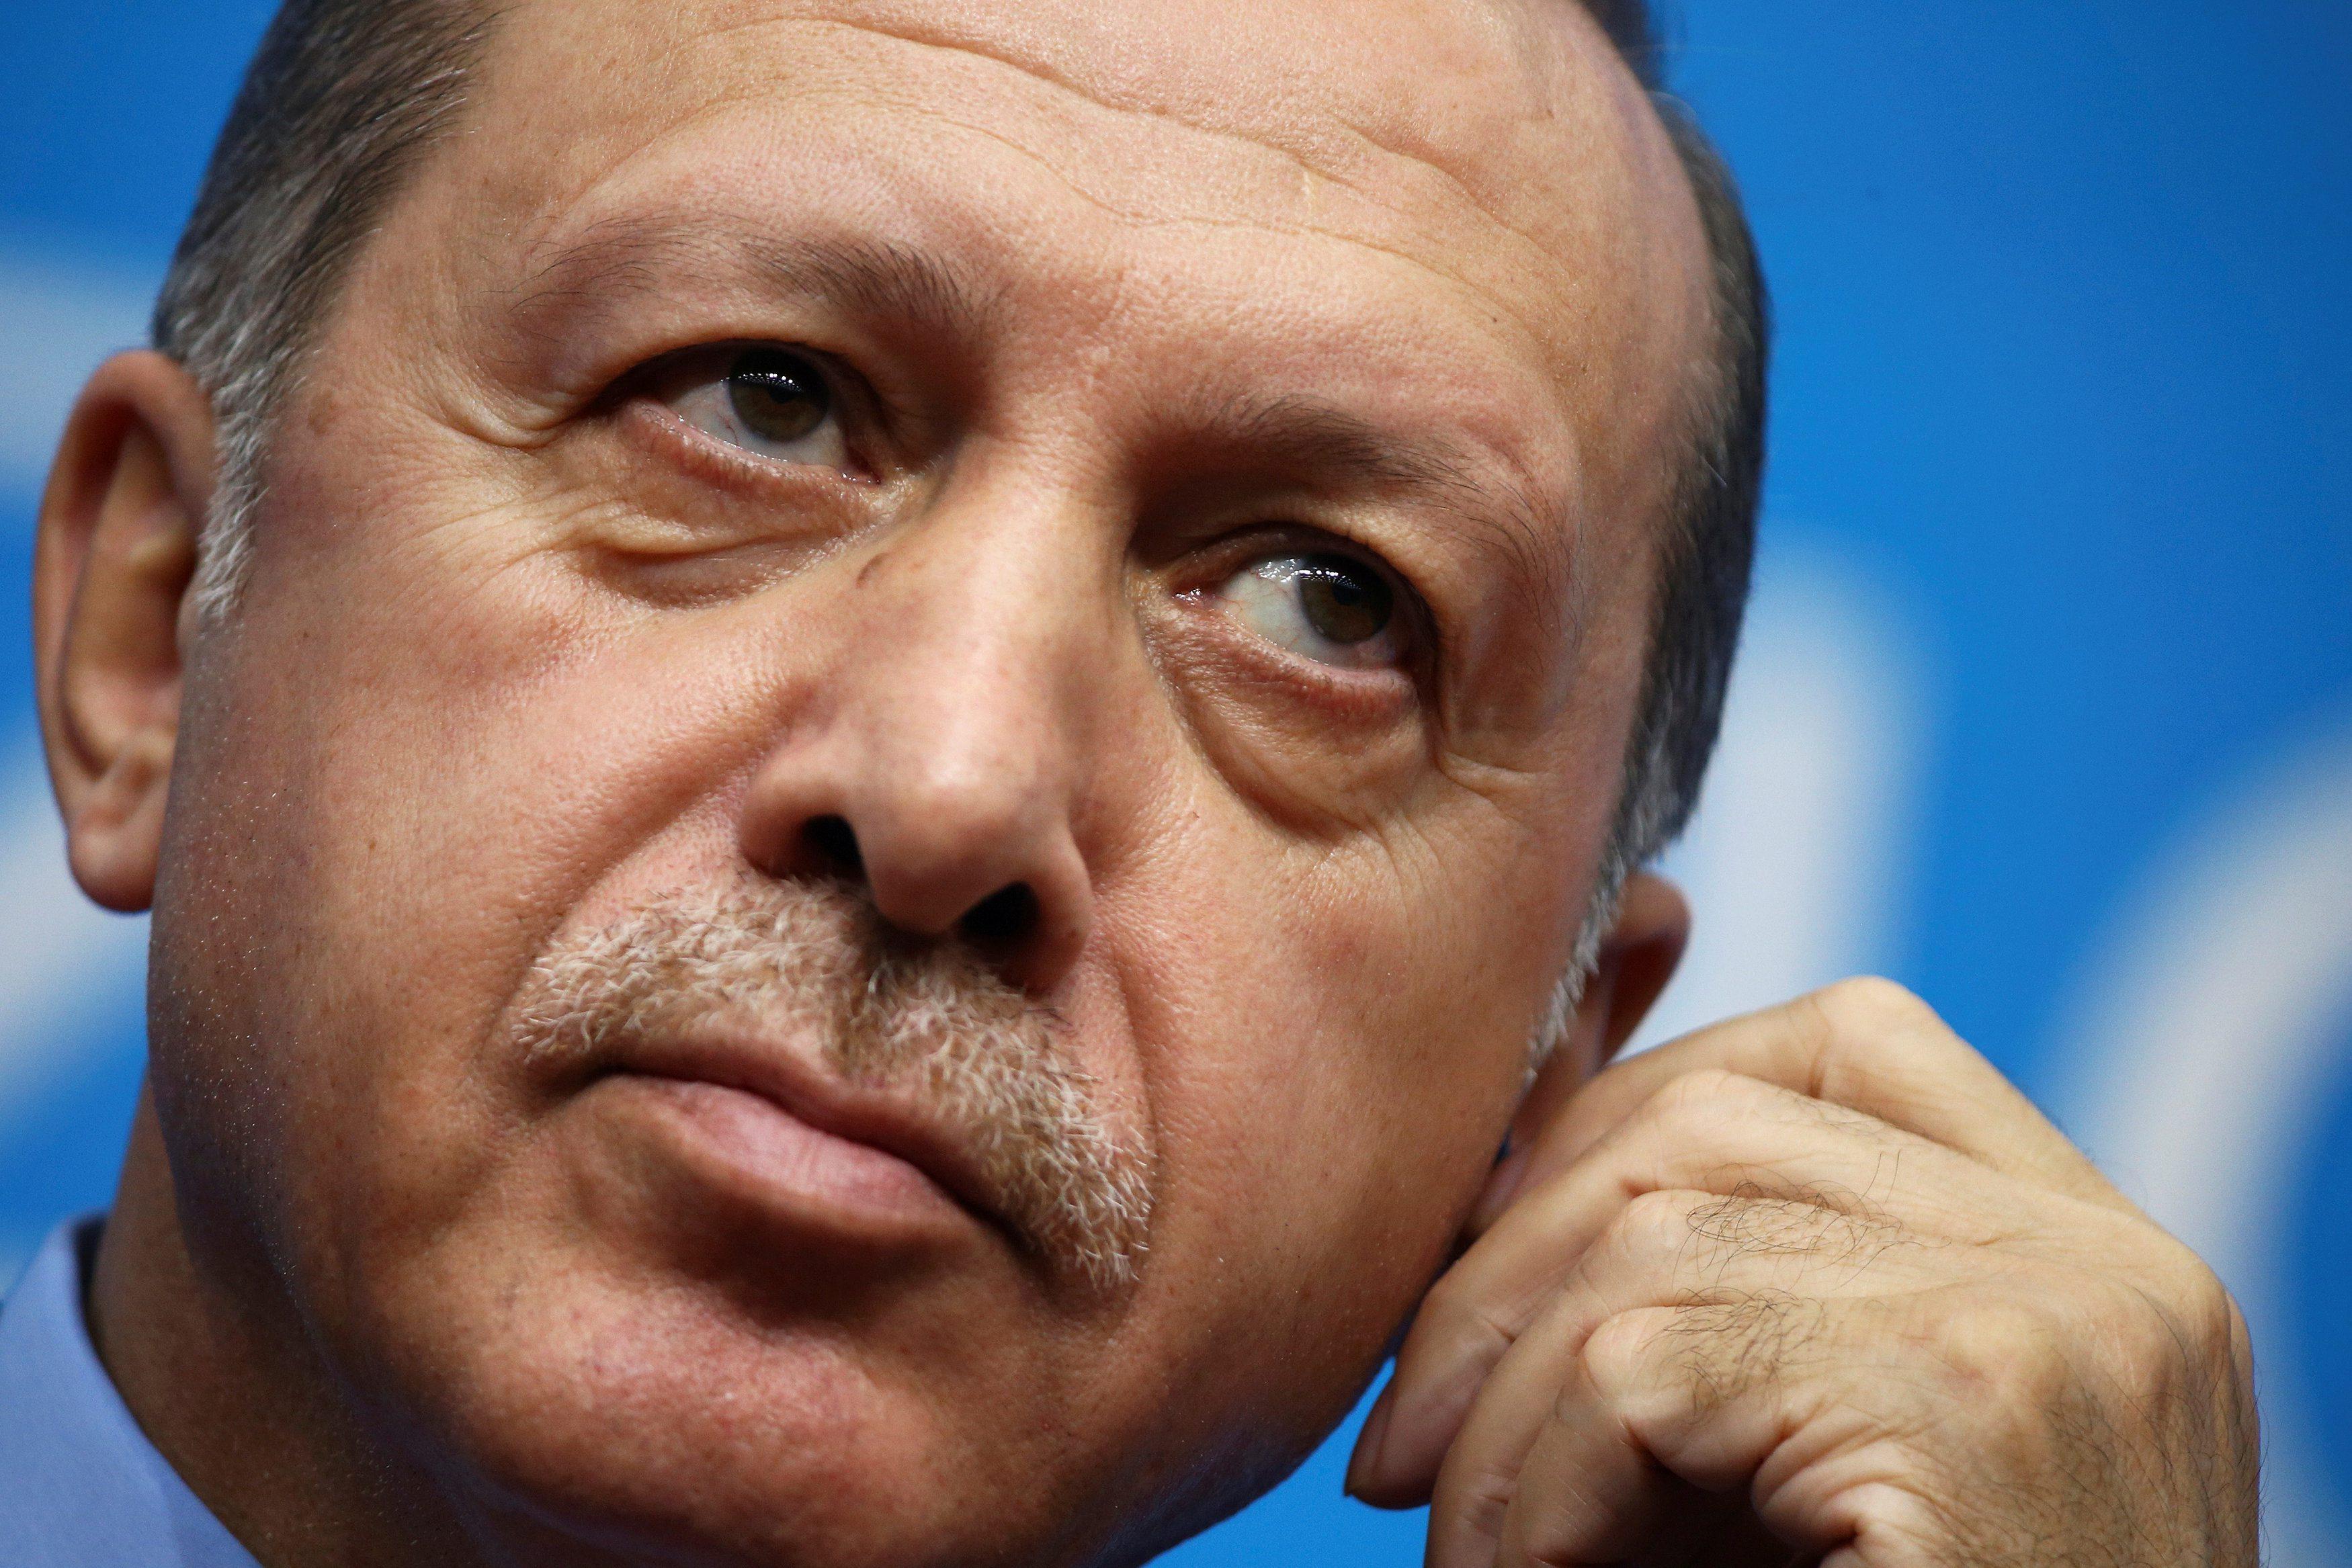 2016-11-16T112211Z_1098953177_D1BEUNDQSHAA_RTRMADP_3_TURKEY-POLITICS